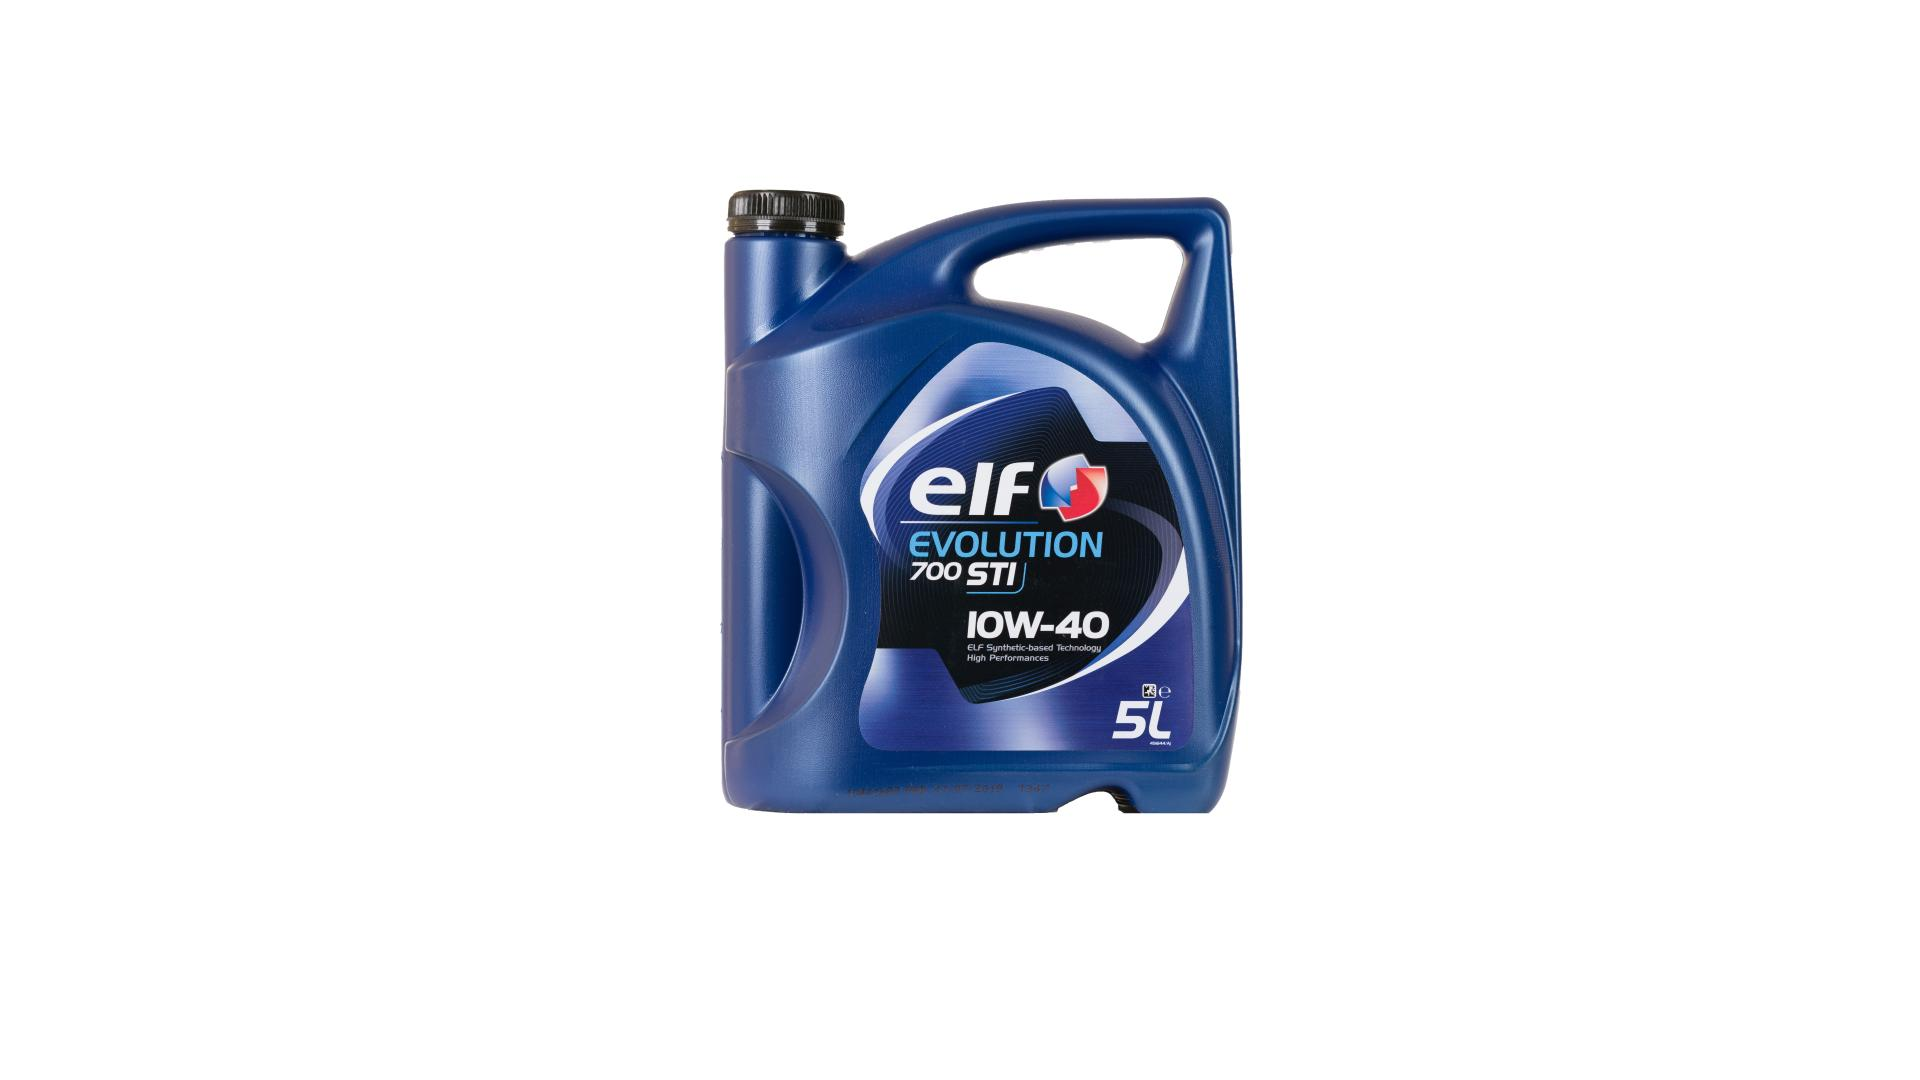 Elf 10w-40 Evolution 700 STI 5L (201554)